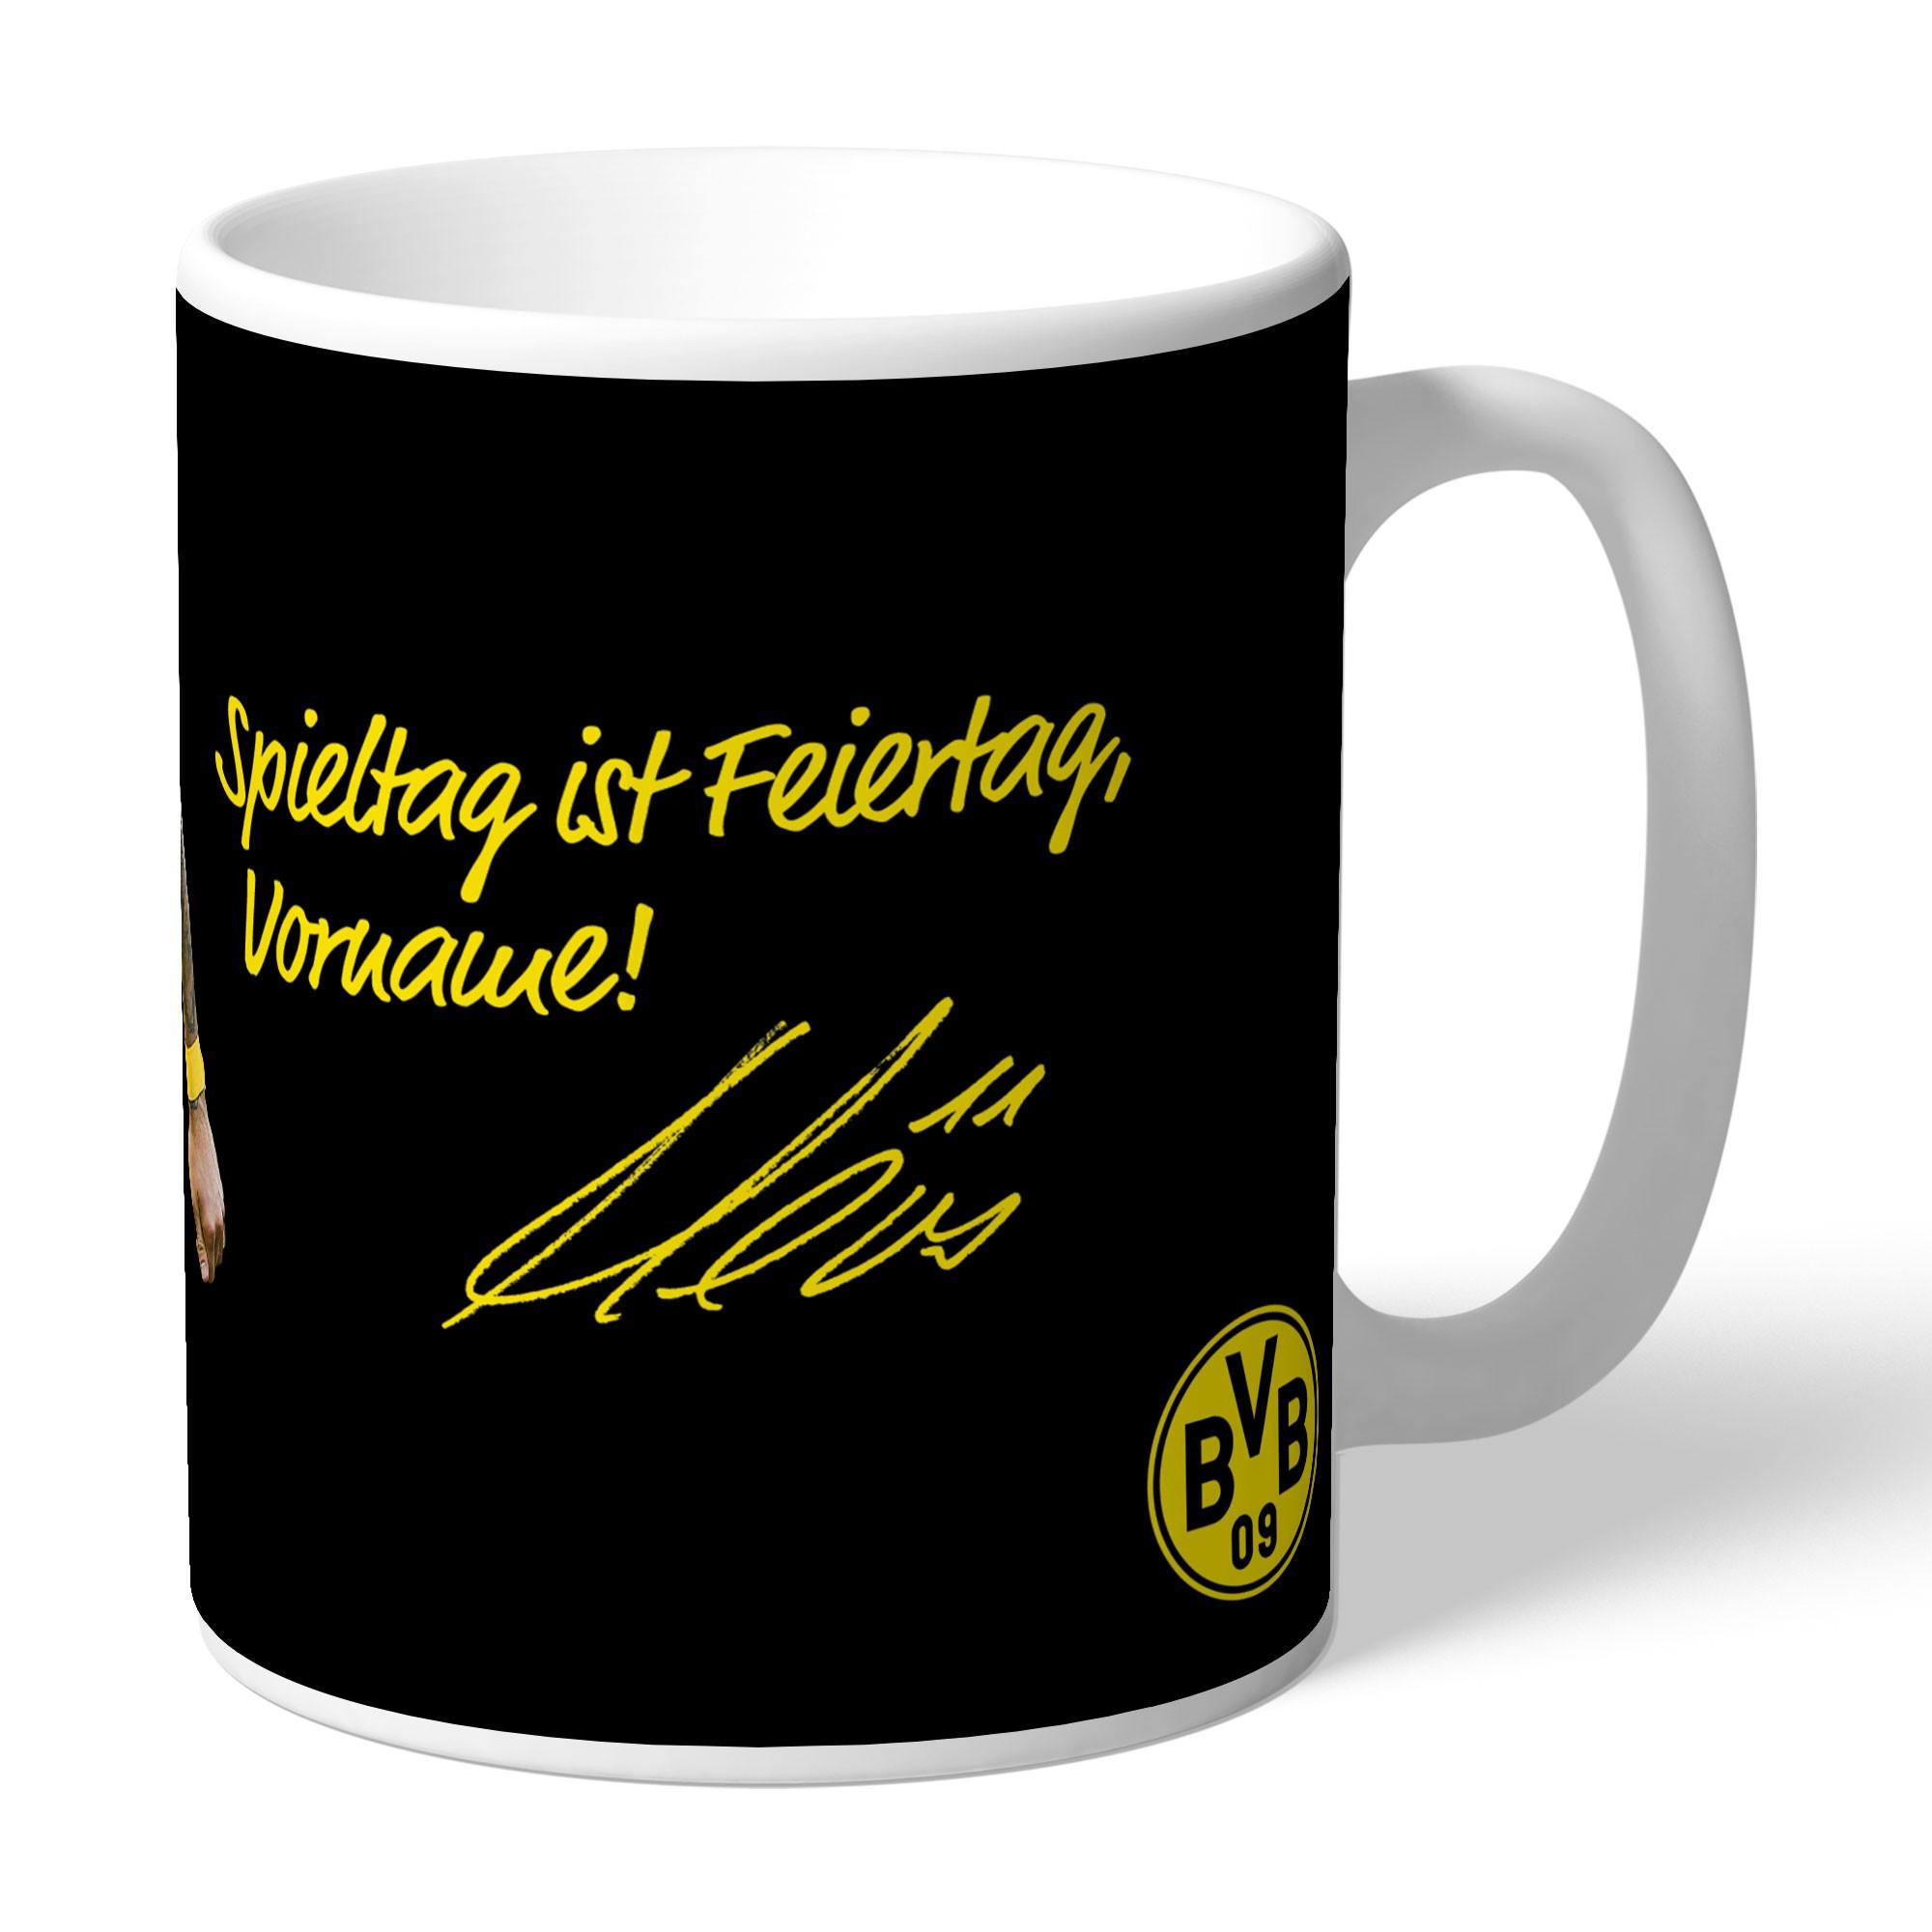 45. BVB-Tasse indiv. Reus (Spieltag)